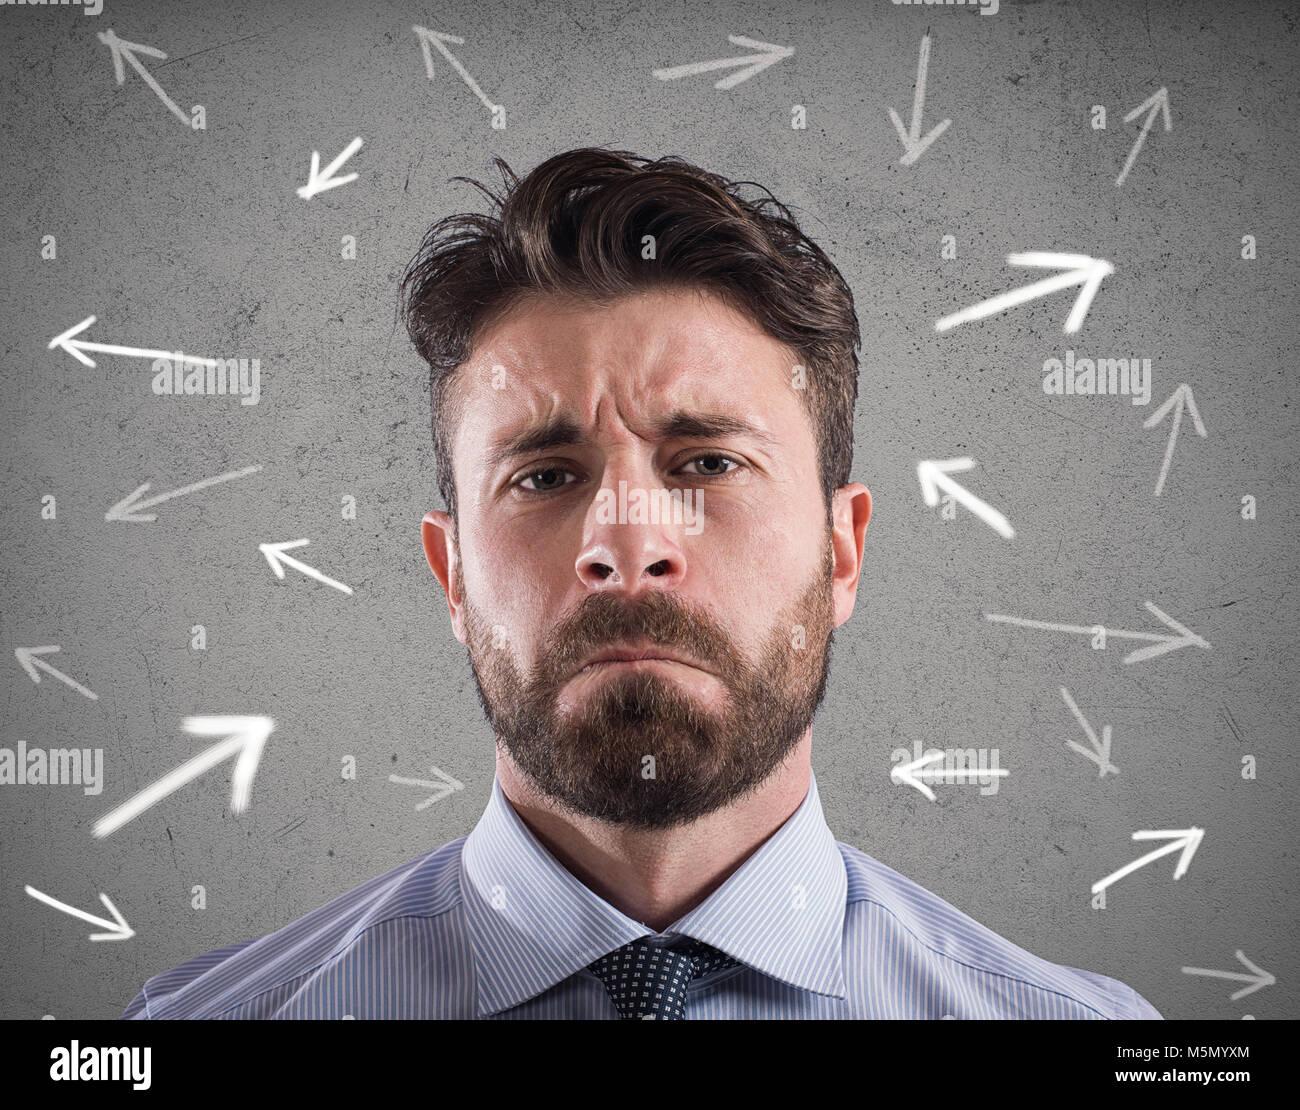 Las opciones difíciles de un empresario de la confusión conceptual. Imagen De Stock